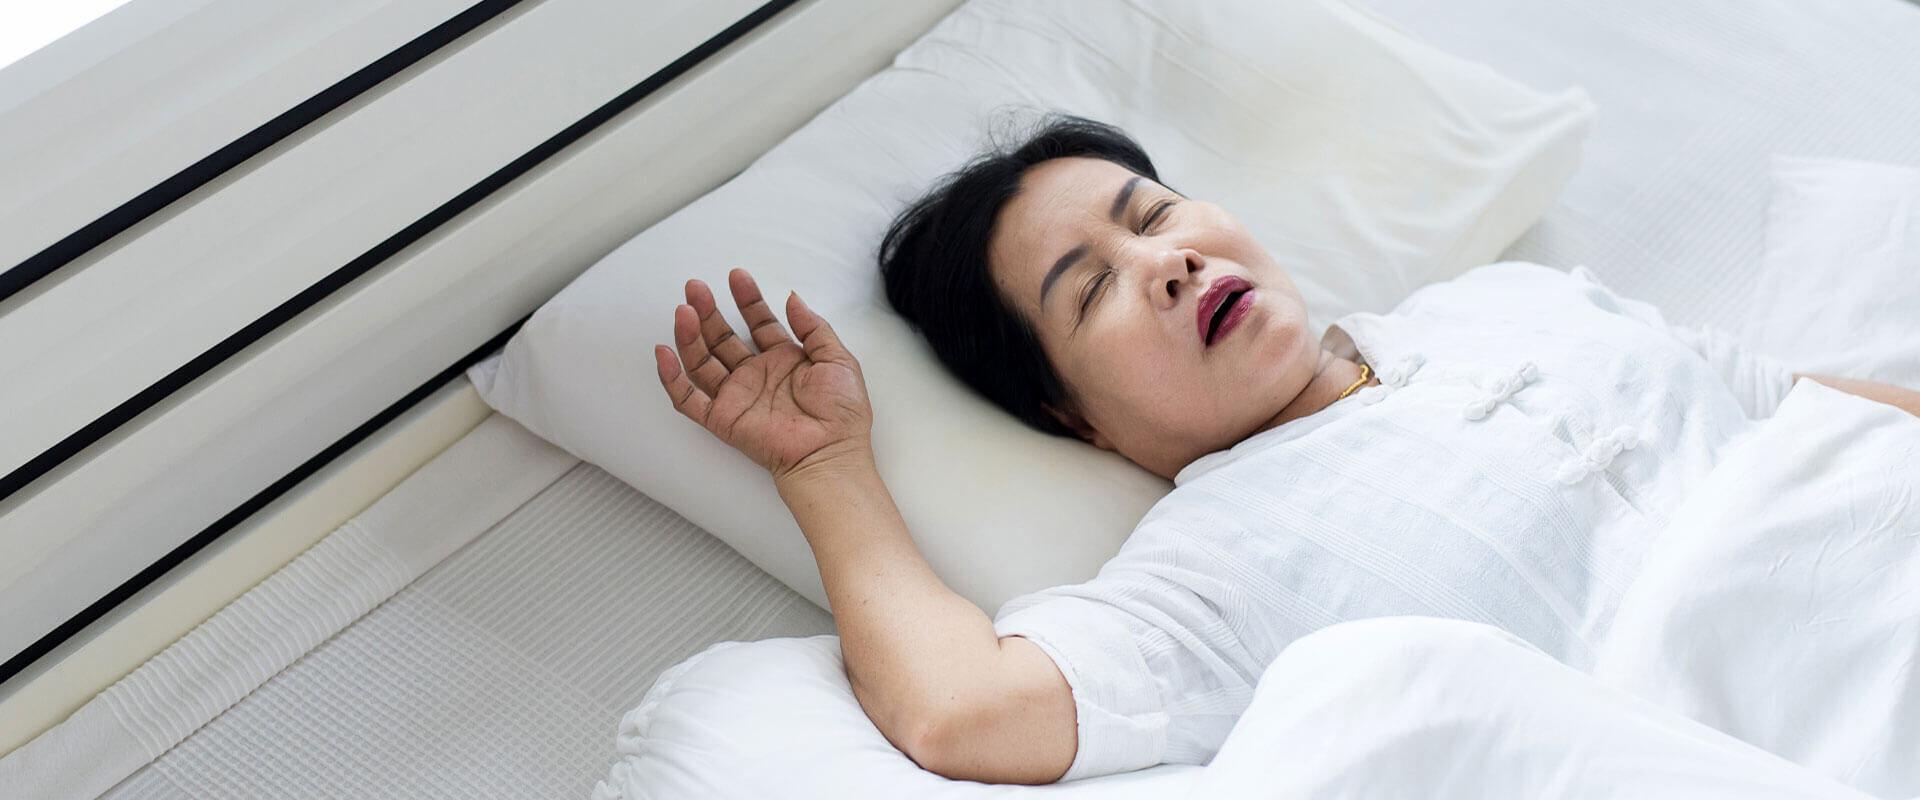 We make treating Sleep Apnea, simple.